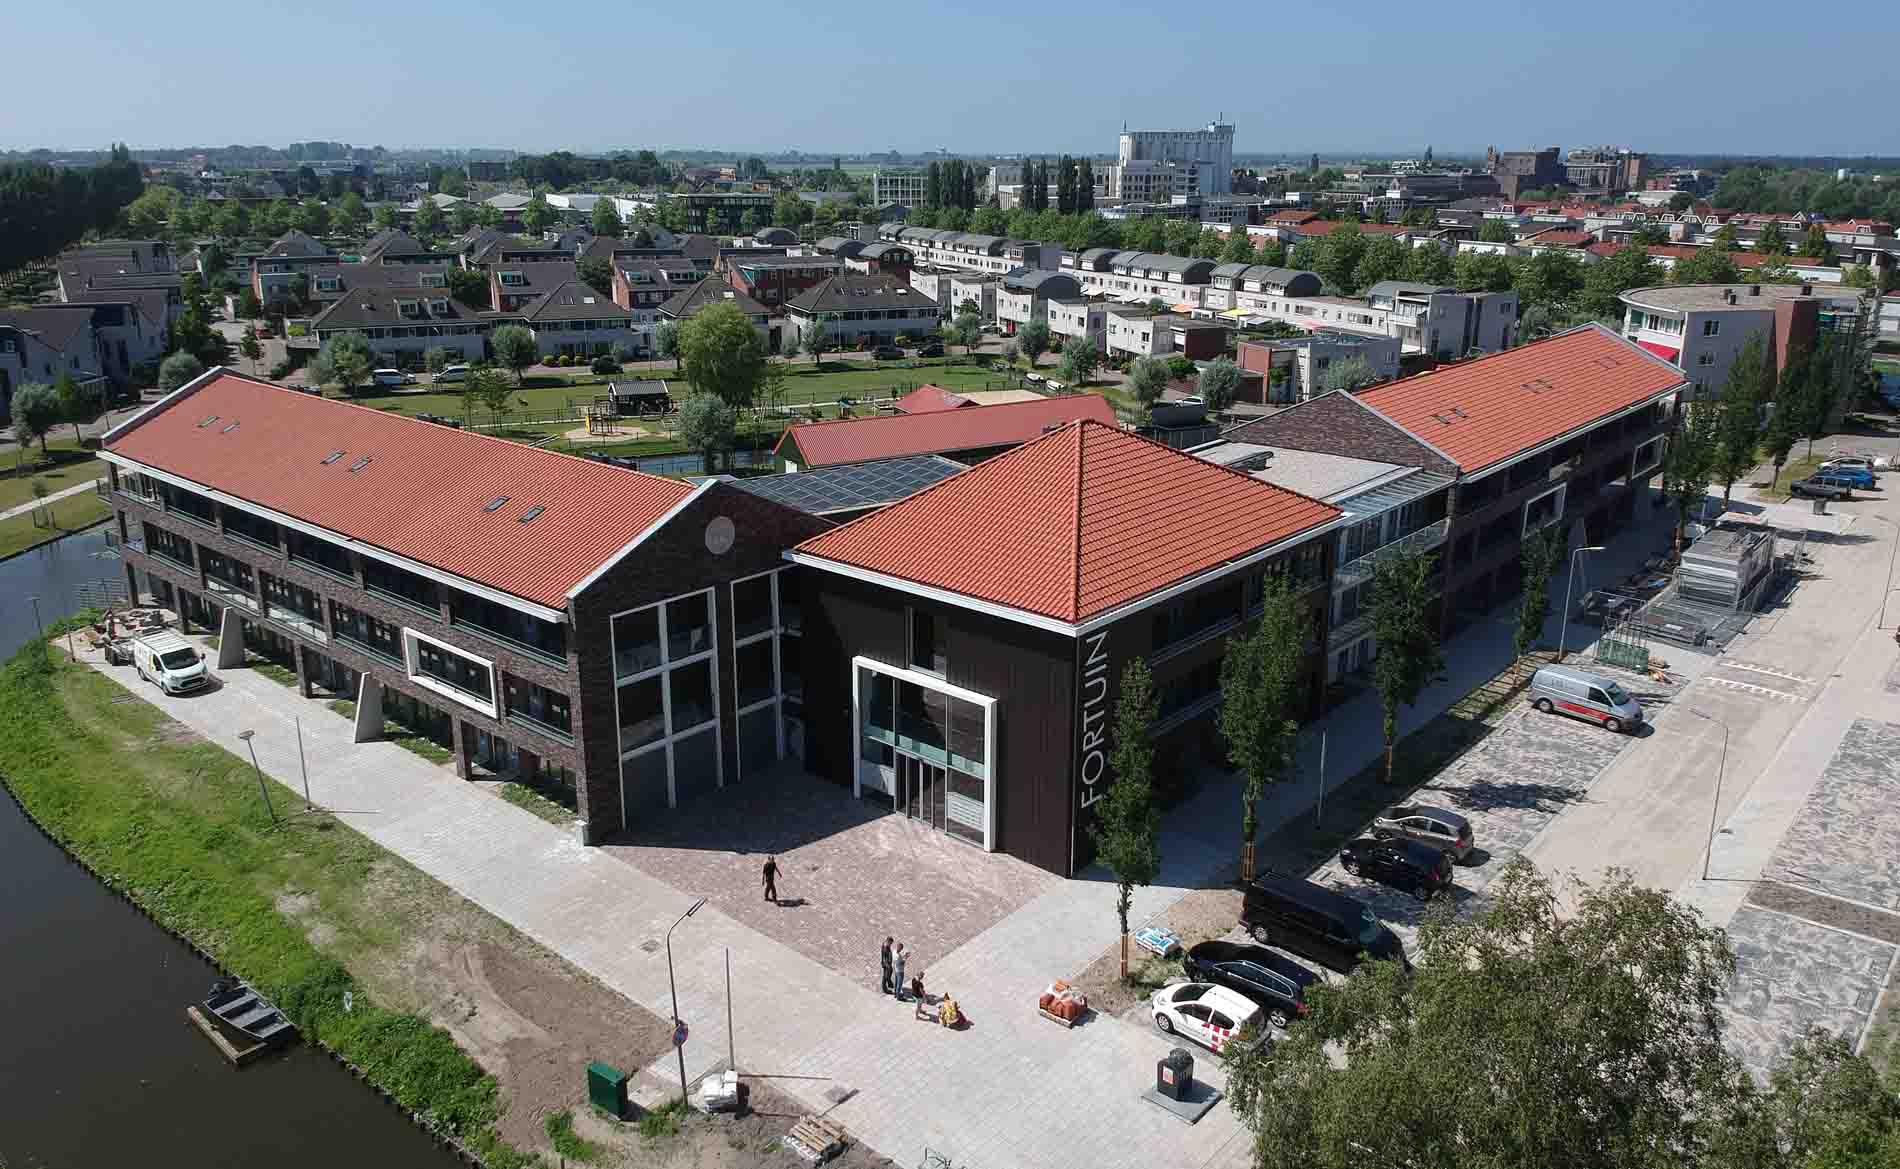 appartementen landelijk dorps energieneutraal woongebouw EPC=0 NOM duurzaam architectuur